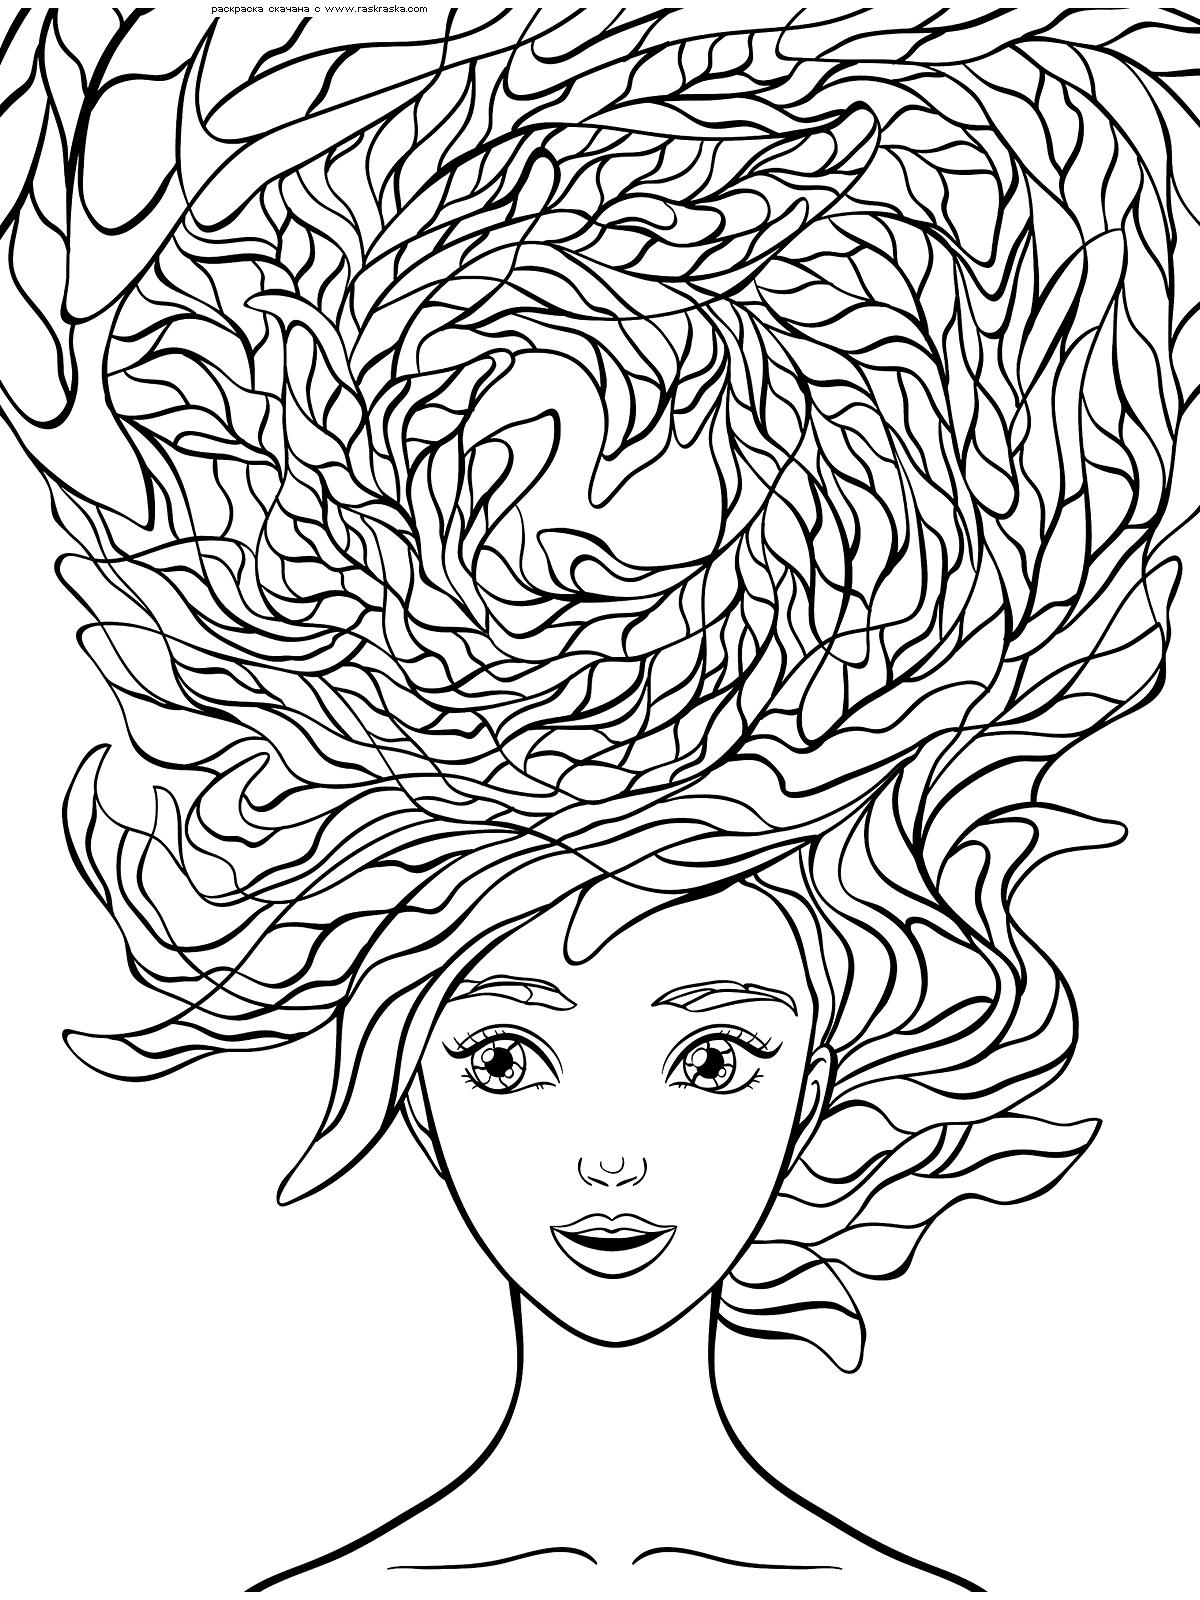 Раскраска Необыкновенные волосы | Раскраски антистресс ...